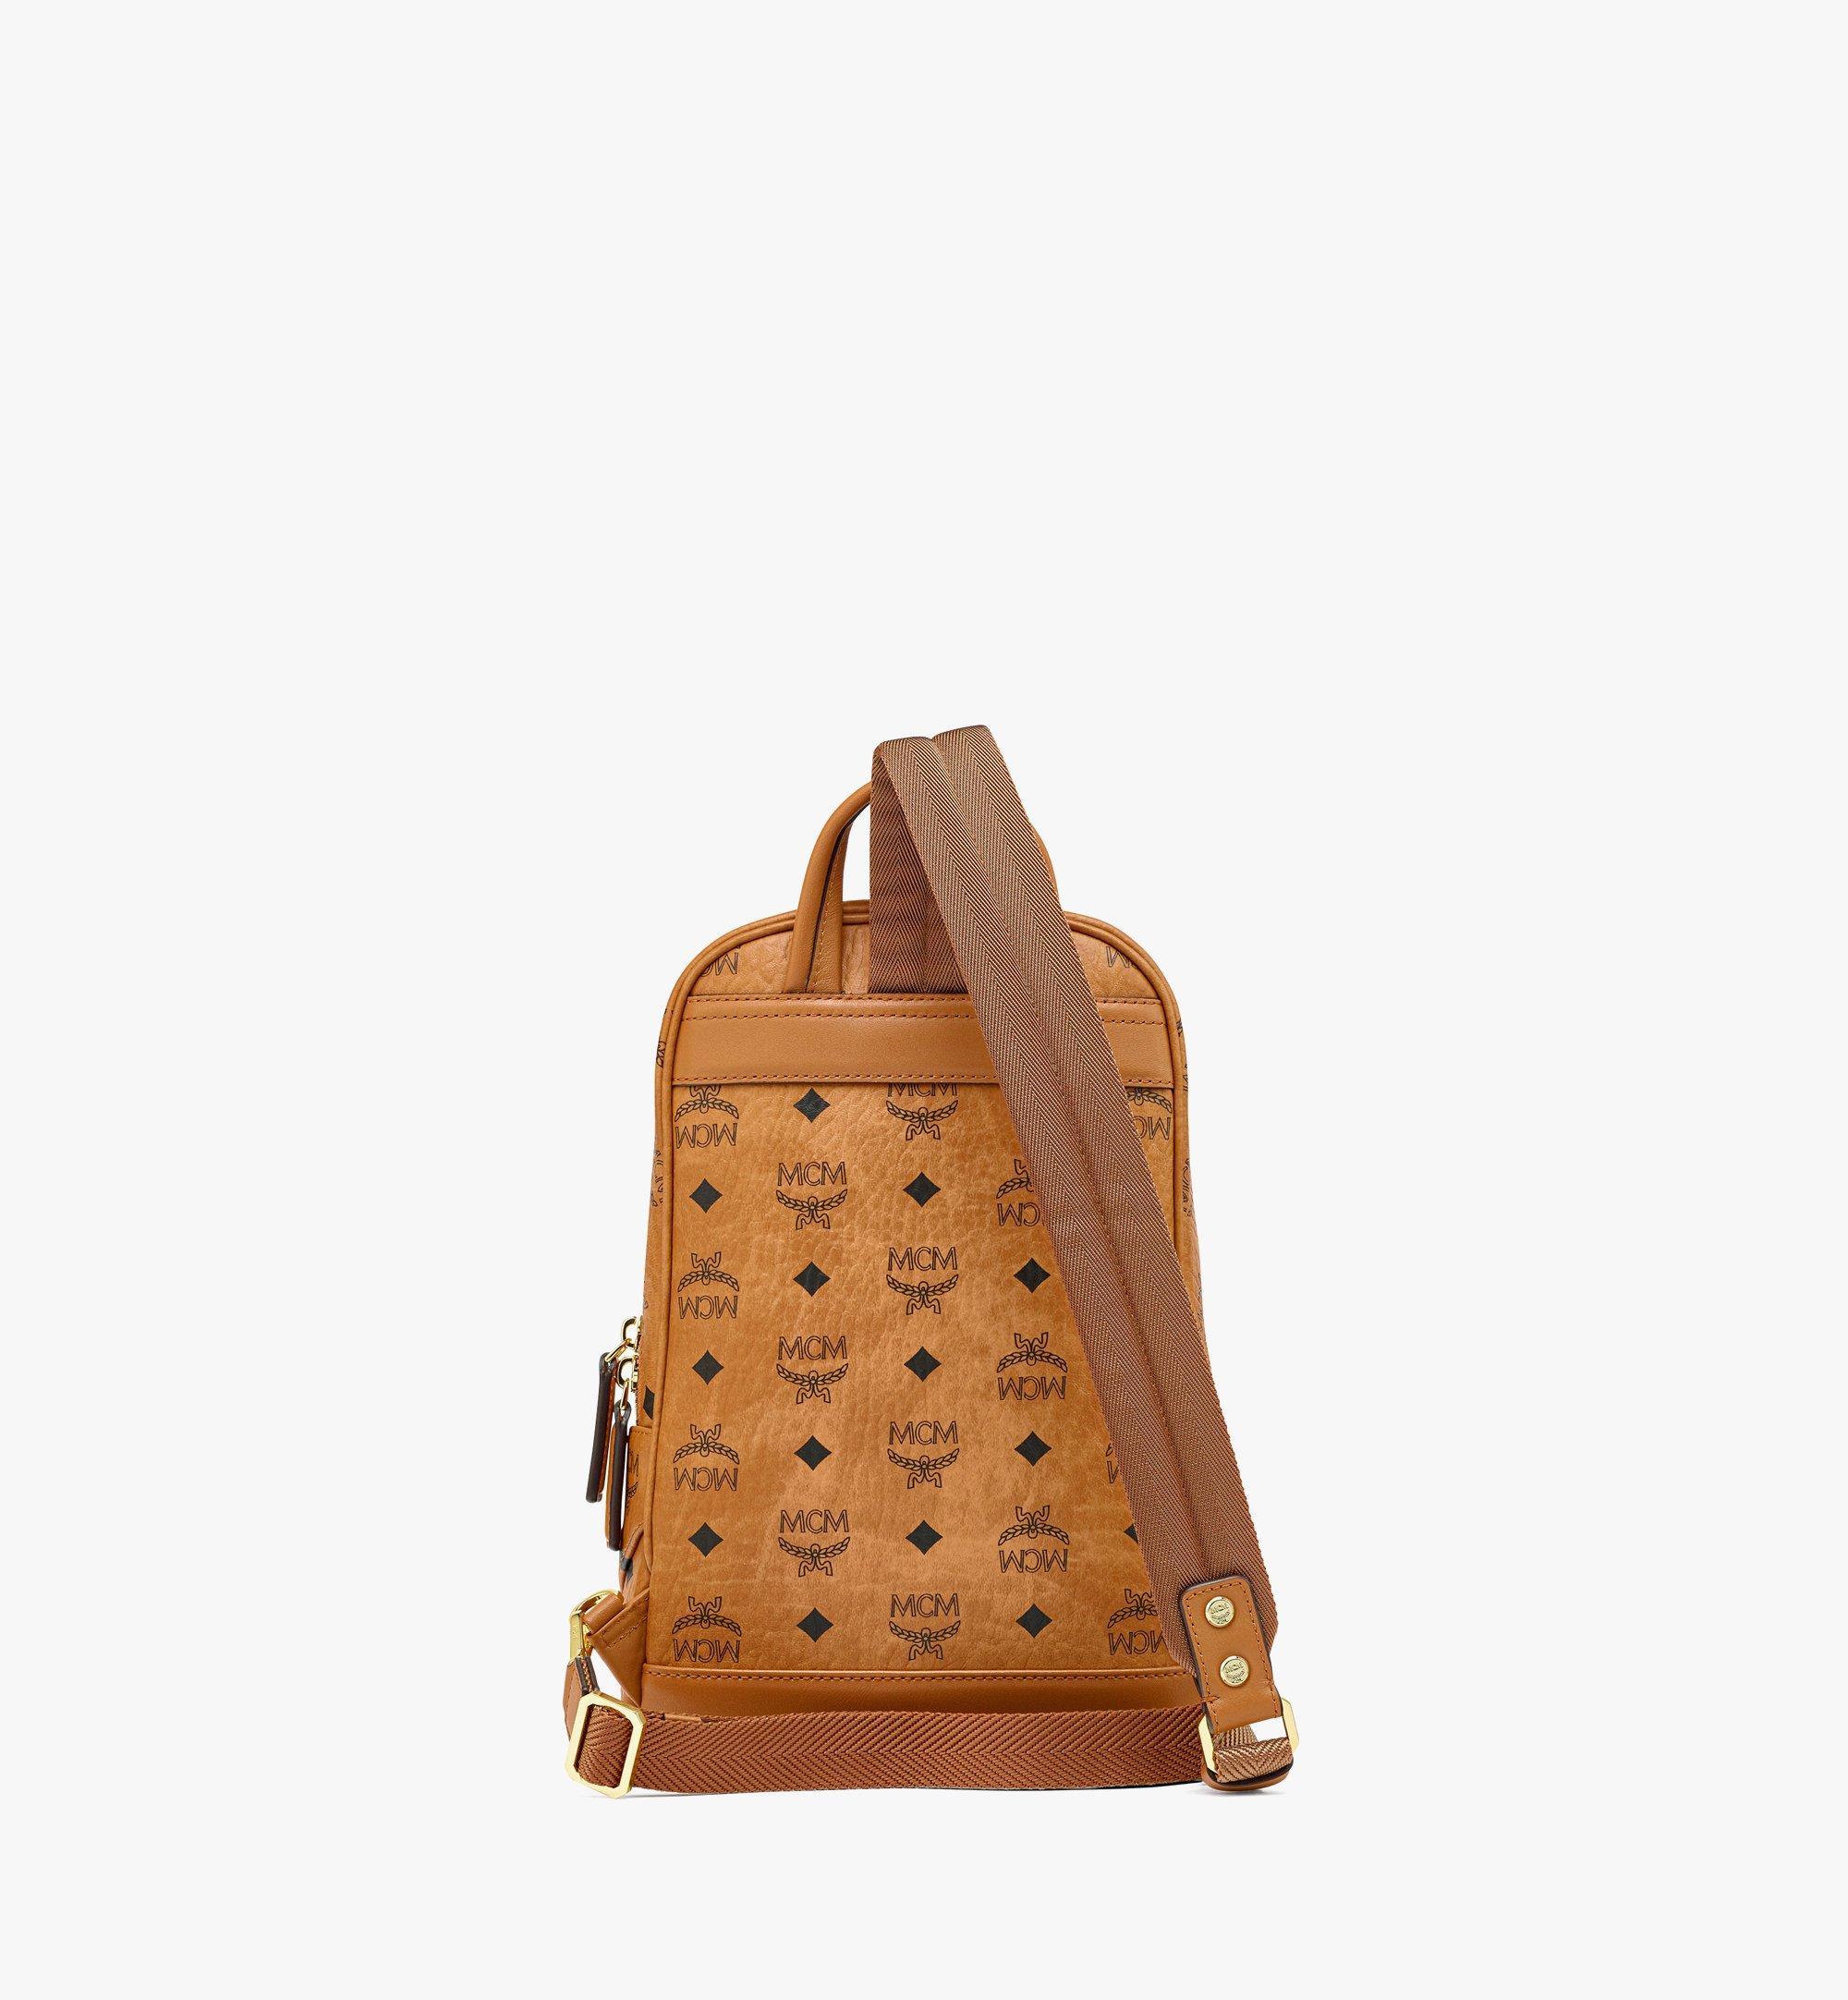 MCM Klassik Sling Bag in Visetos Cognac MMLBSKC01CO001 Alternate View 3